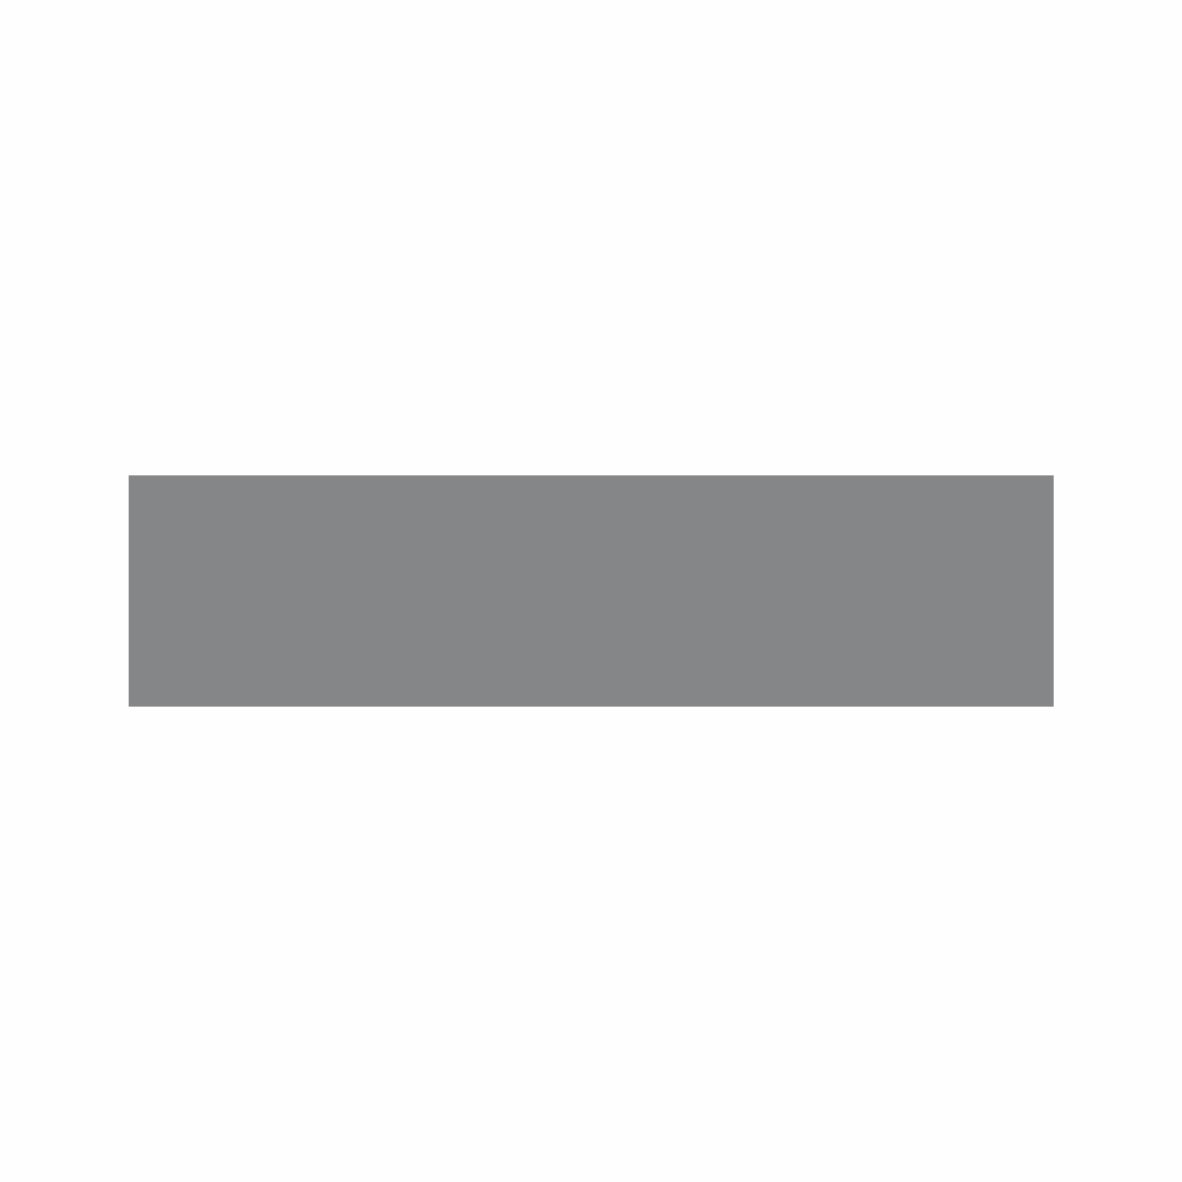 Cinza escuro  - Towbar Sinalização de Segurança